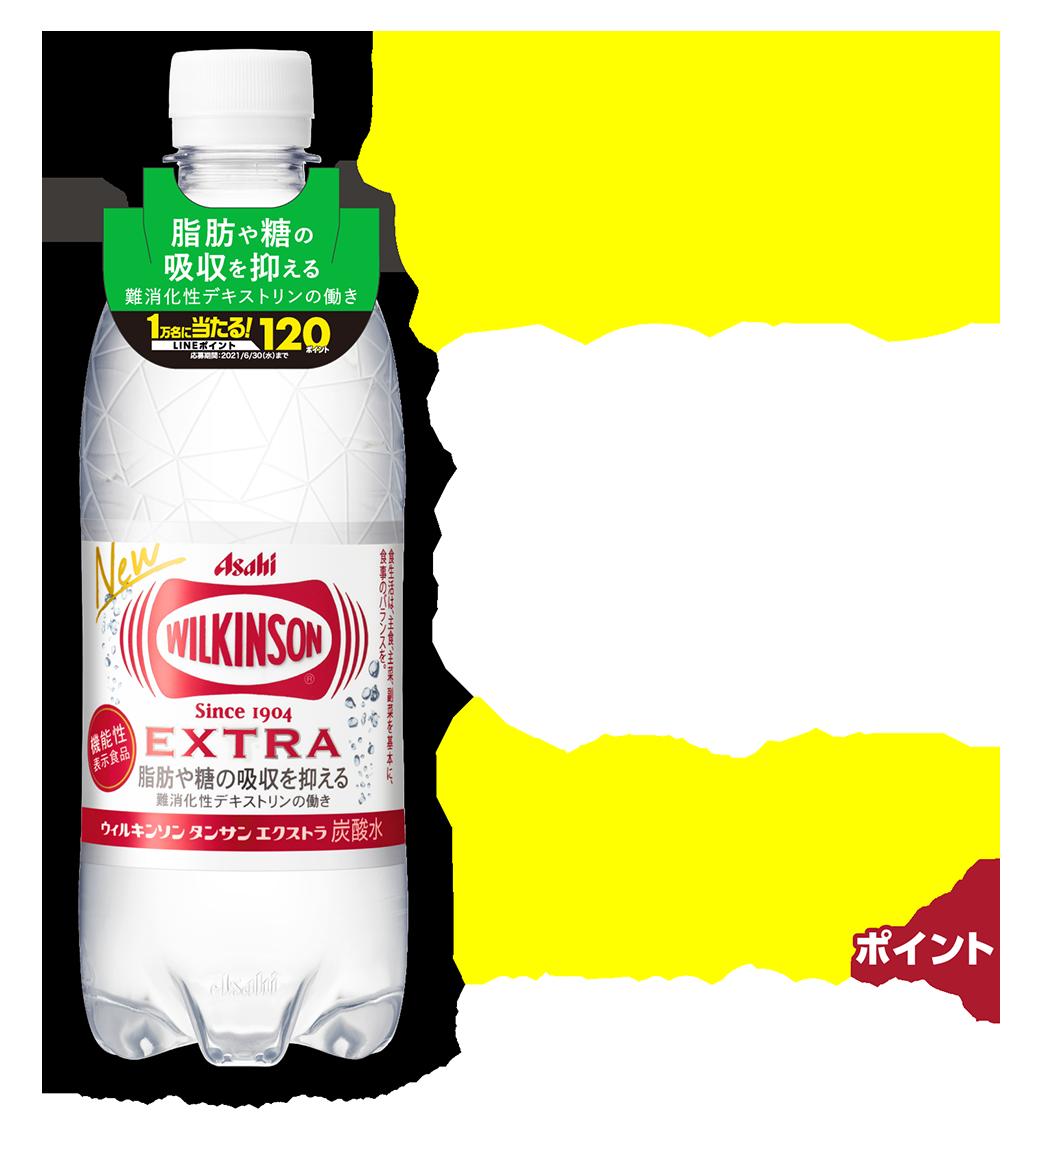 「ウィルキンソン タンサン」エクストラ LINEポイントキャンペーン アサヒ飲料